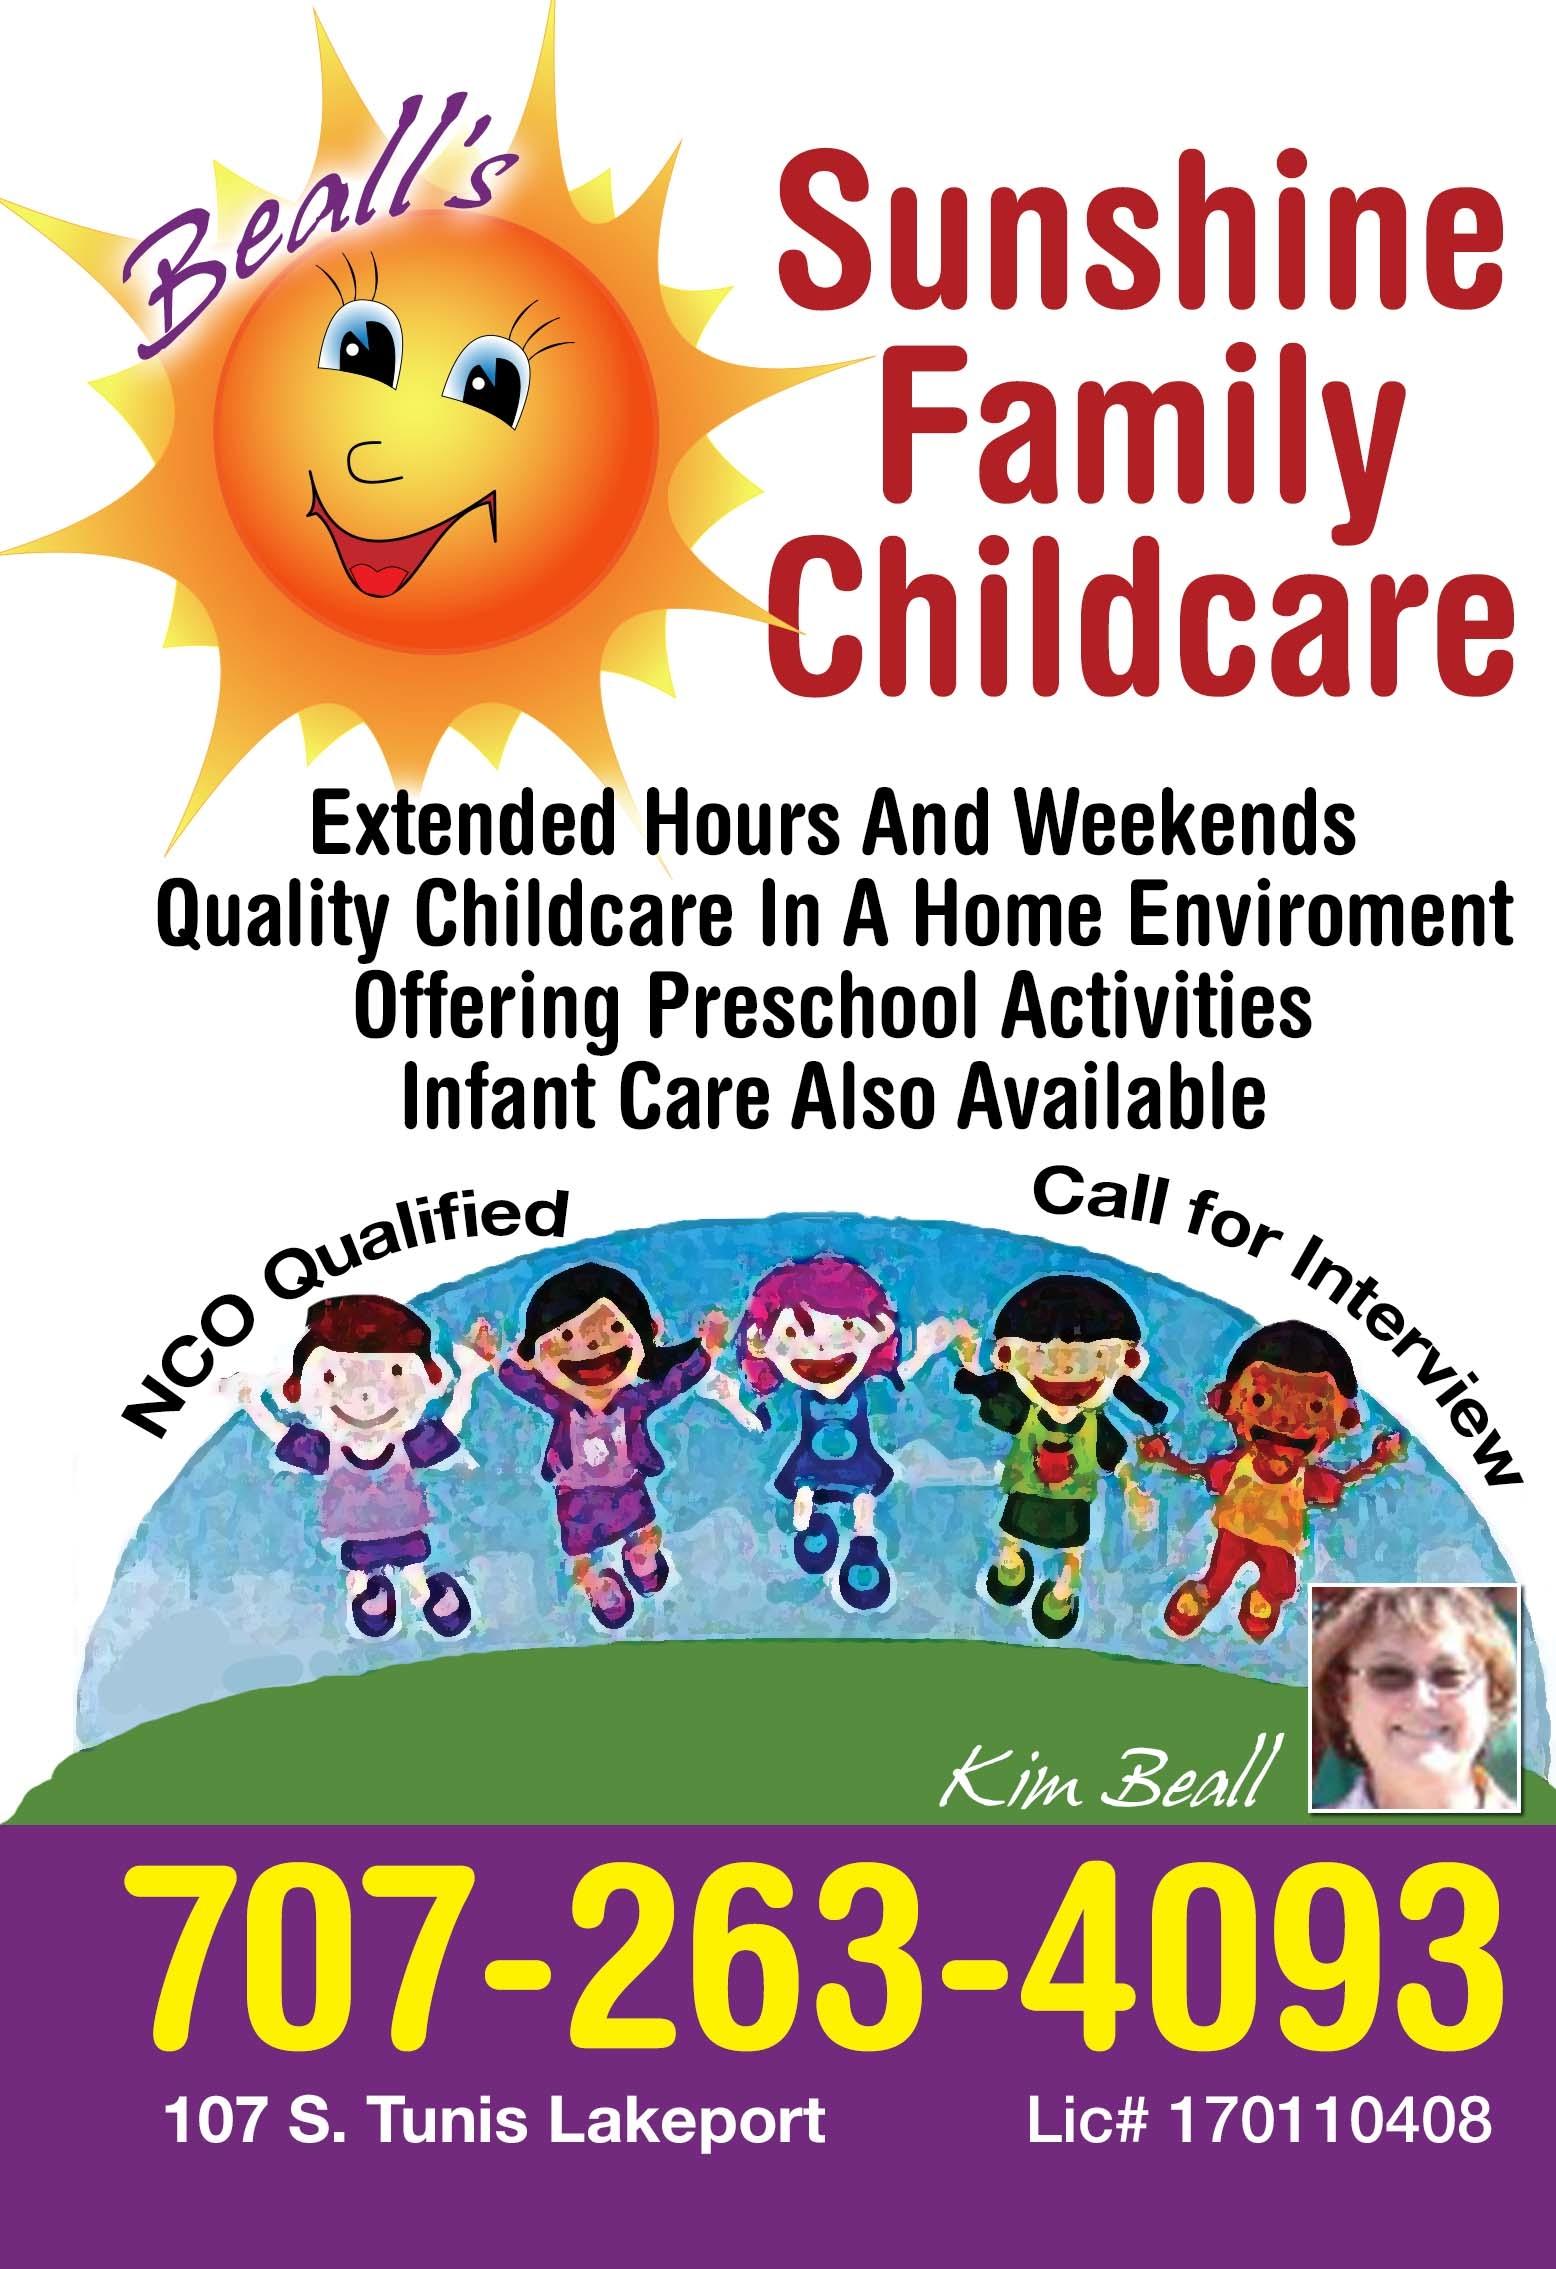 Beall's Sunshine Family Childcare, Kim Beall Owner